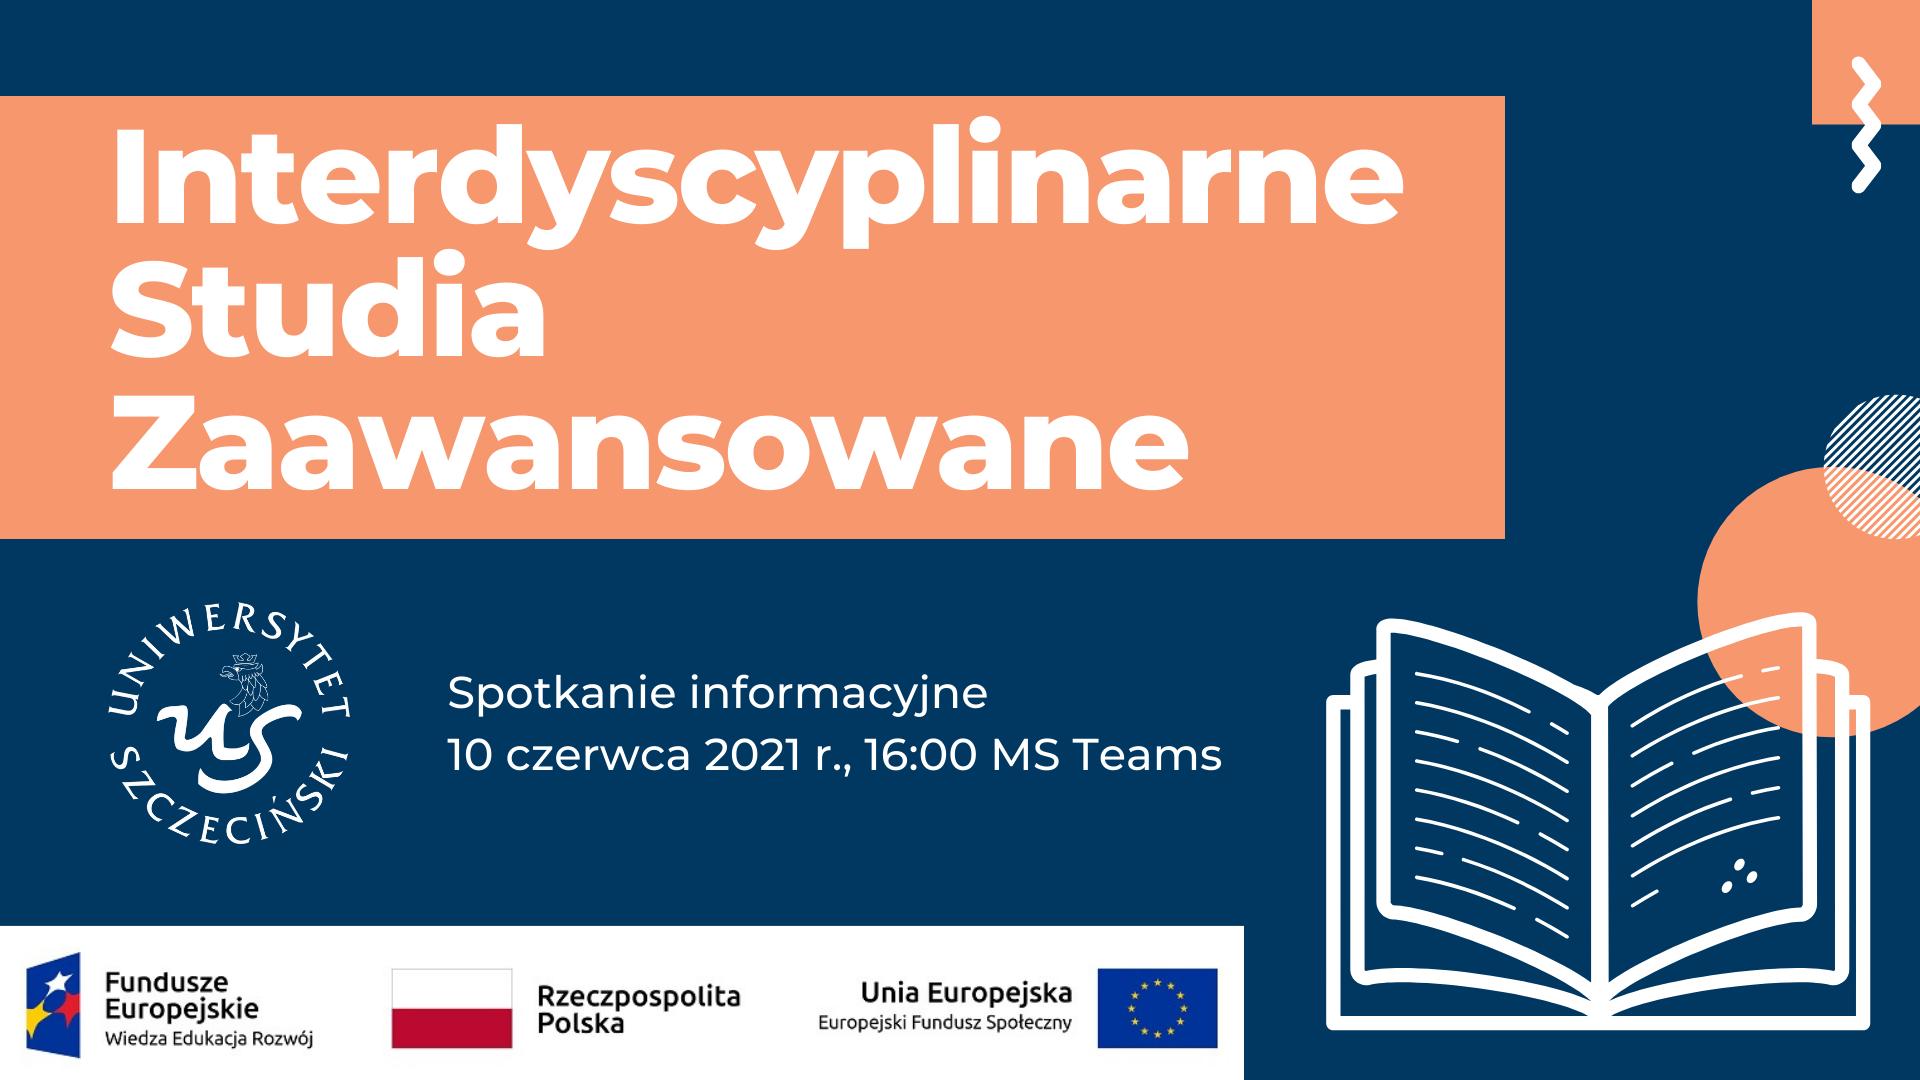 Interdyscyplinarne Studia Zaawansowane – spotkanie informacyjne (10 VI 2021)